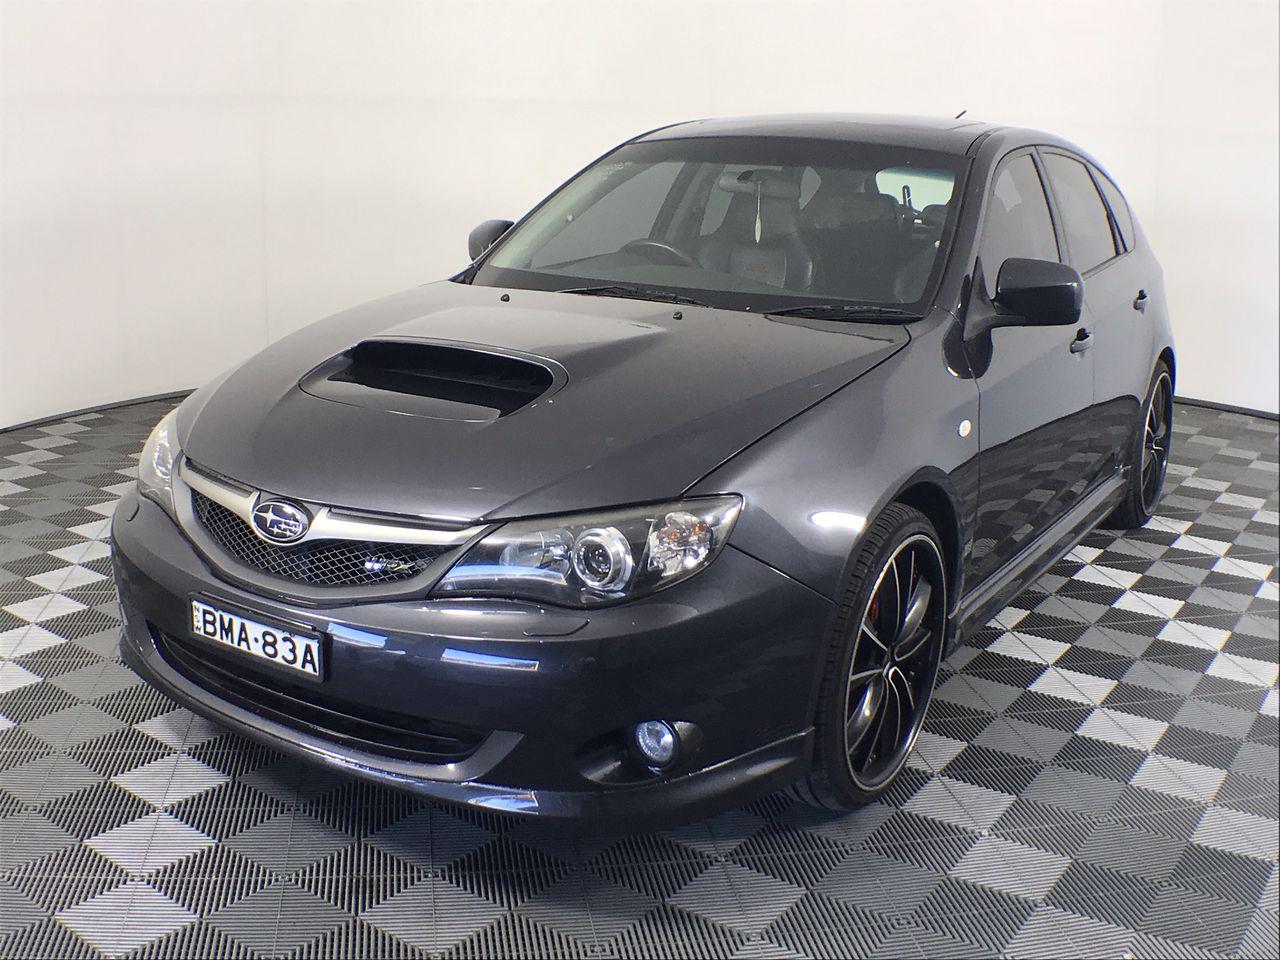 2009 Subaru Impreza WRX (AWD) G3 Manual Hatchback